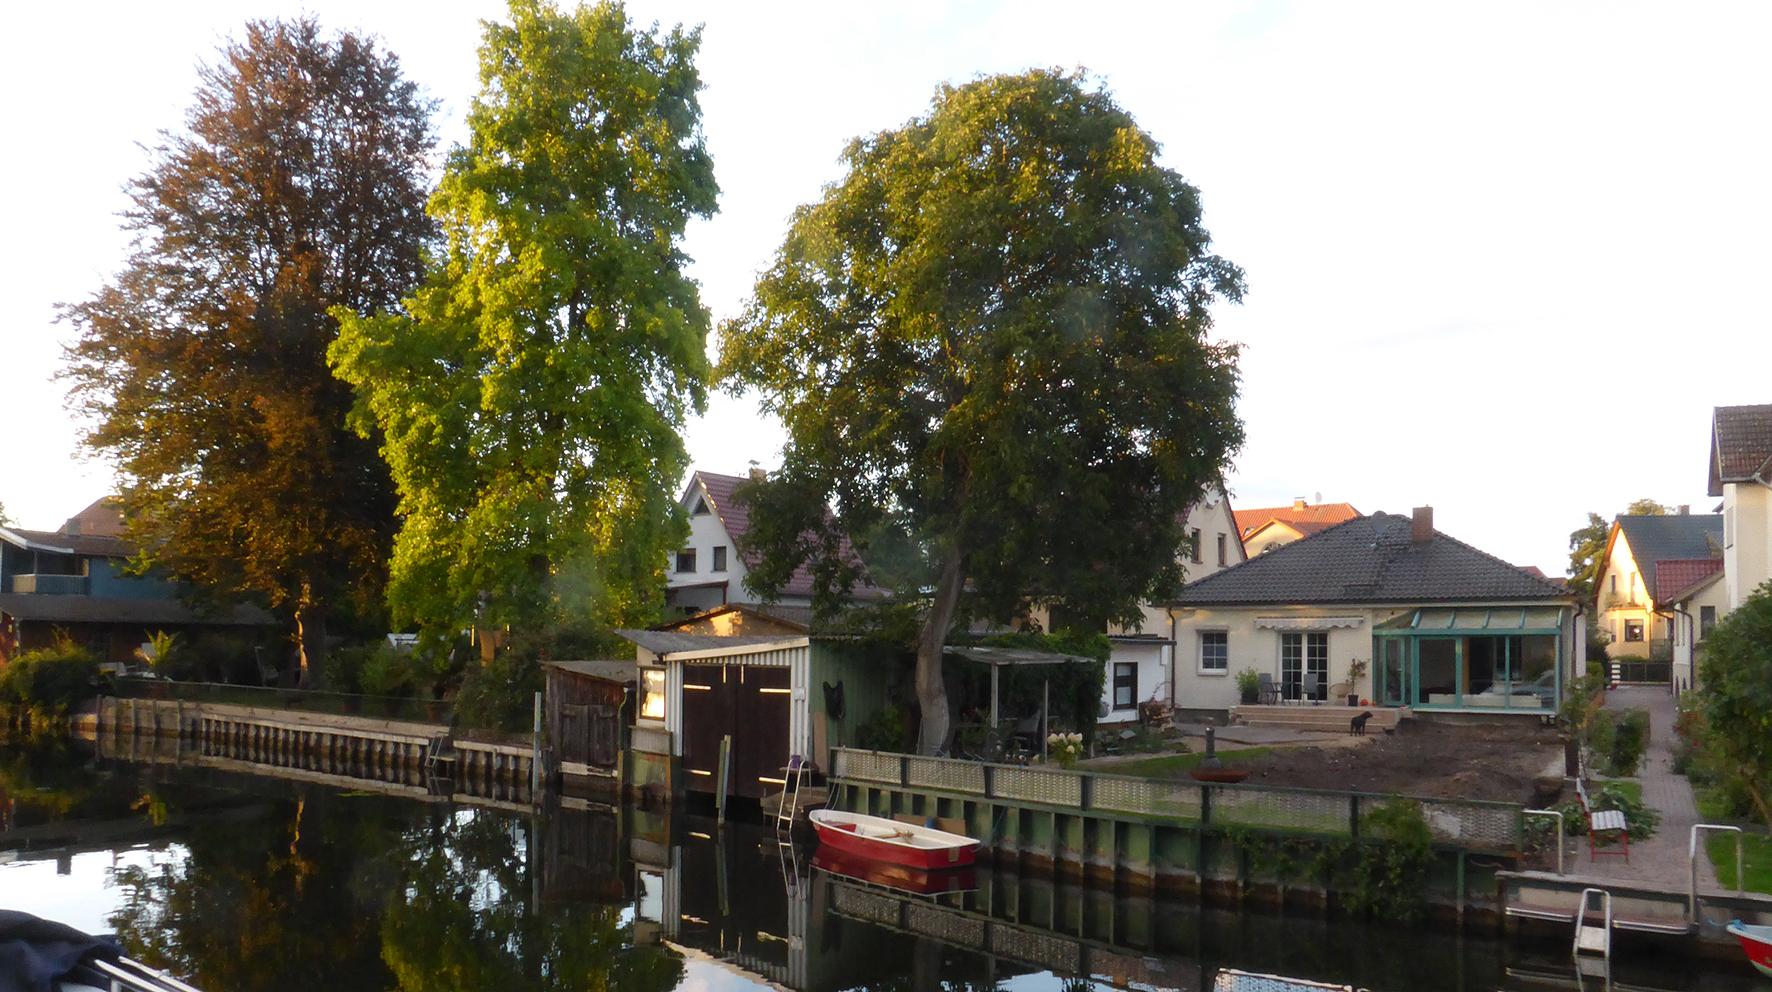 Ufer-Baeume